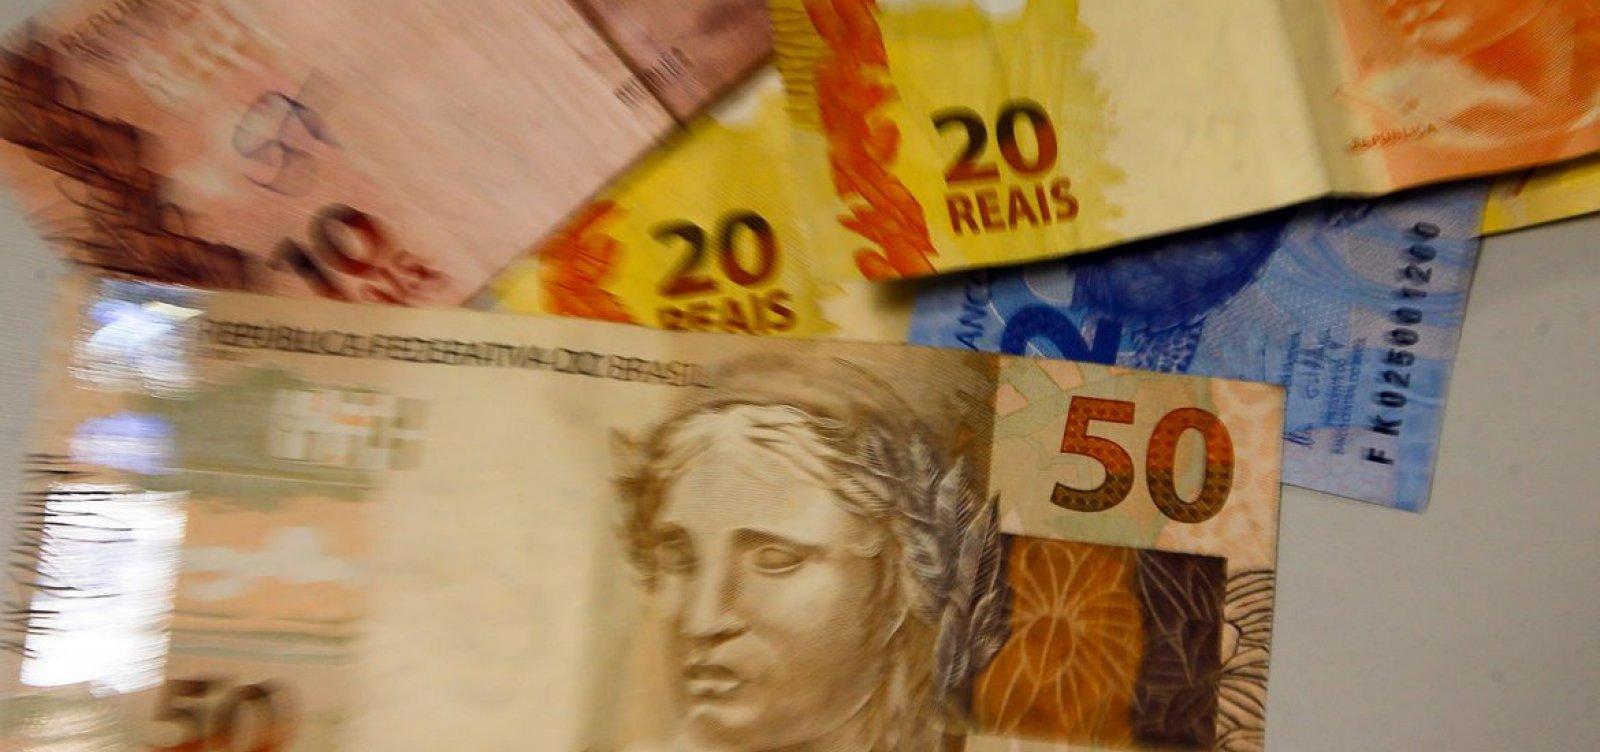 [Equipe econômica recomenda veto a perdão tributário de igrejas; dívidas passam de R$ 1 bi]